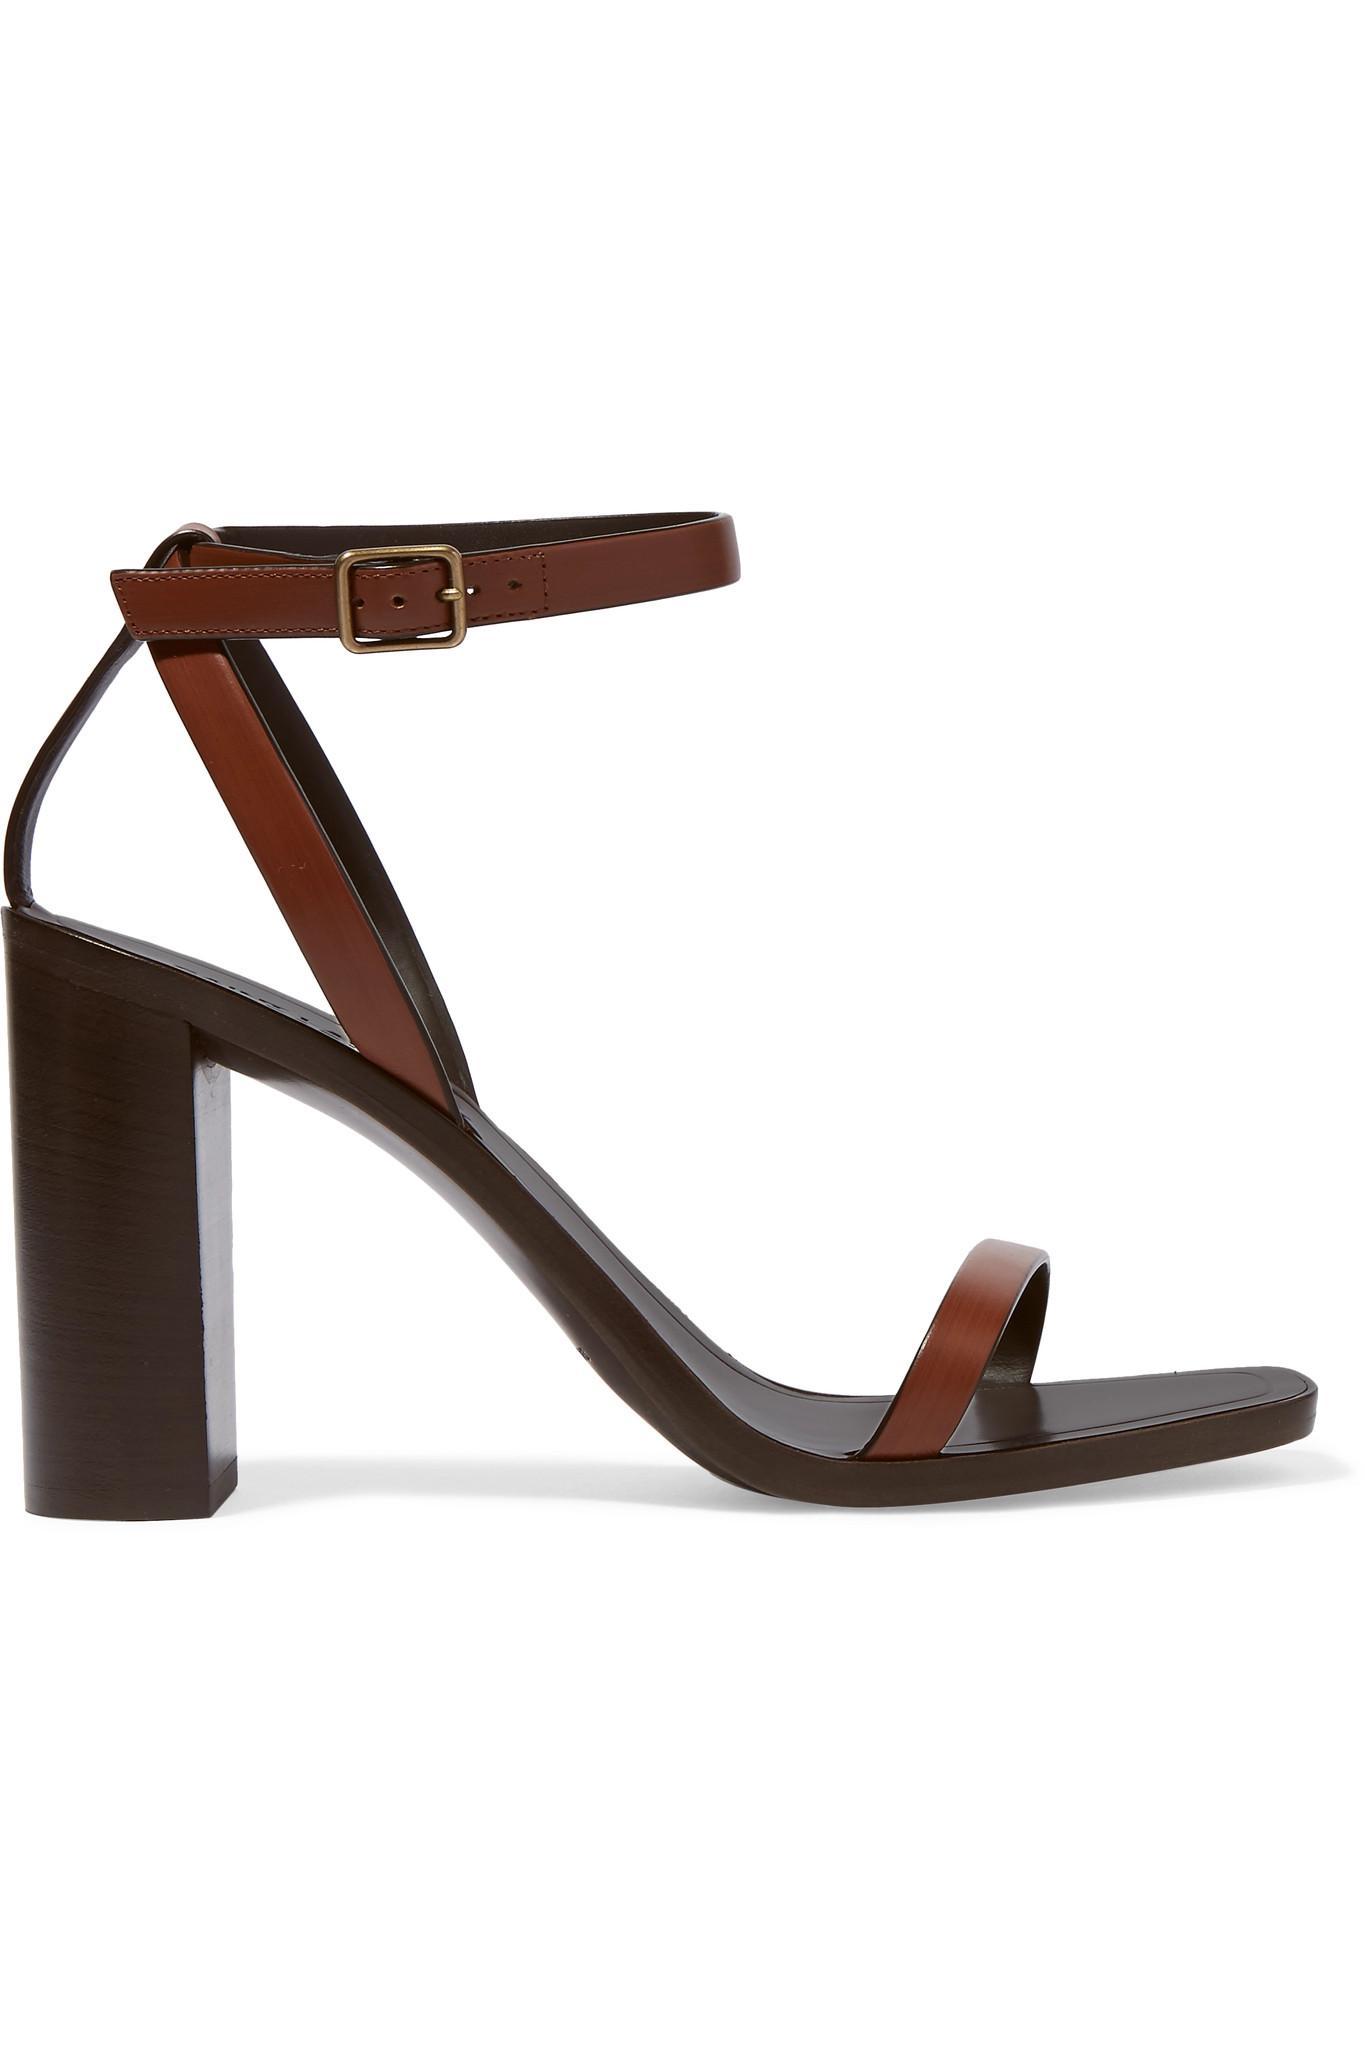 Loulou Leather Sandals - Brown Saint Laurent 2JPQ0zxQ